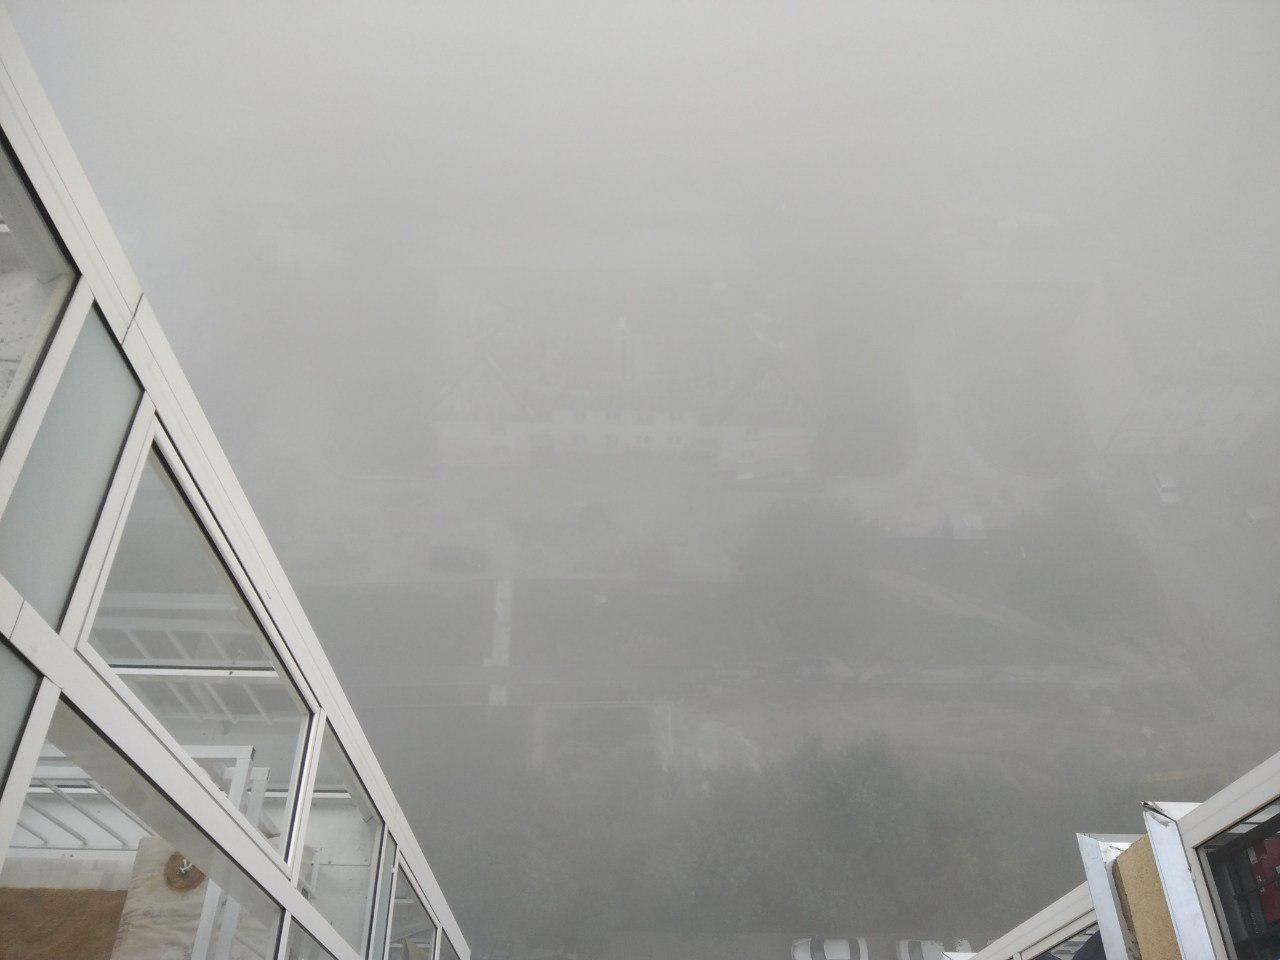 Вид очень завораживает. Будто над облаками